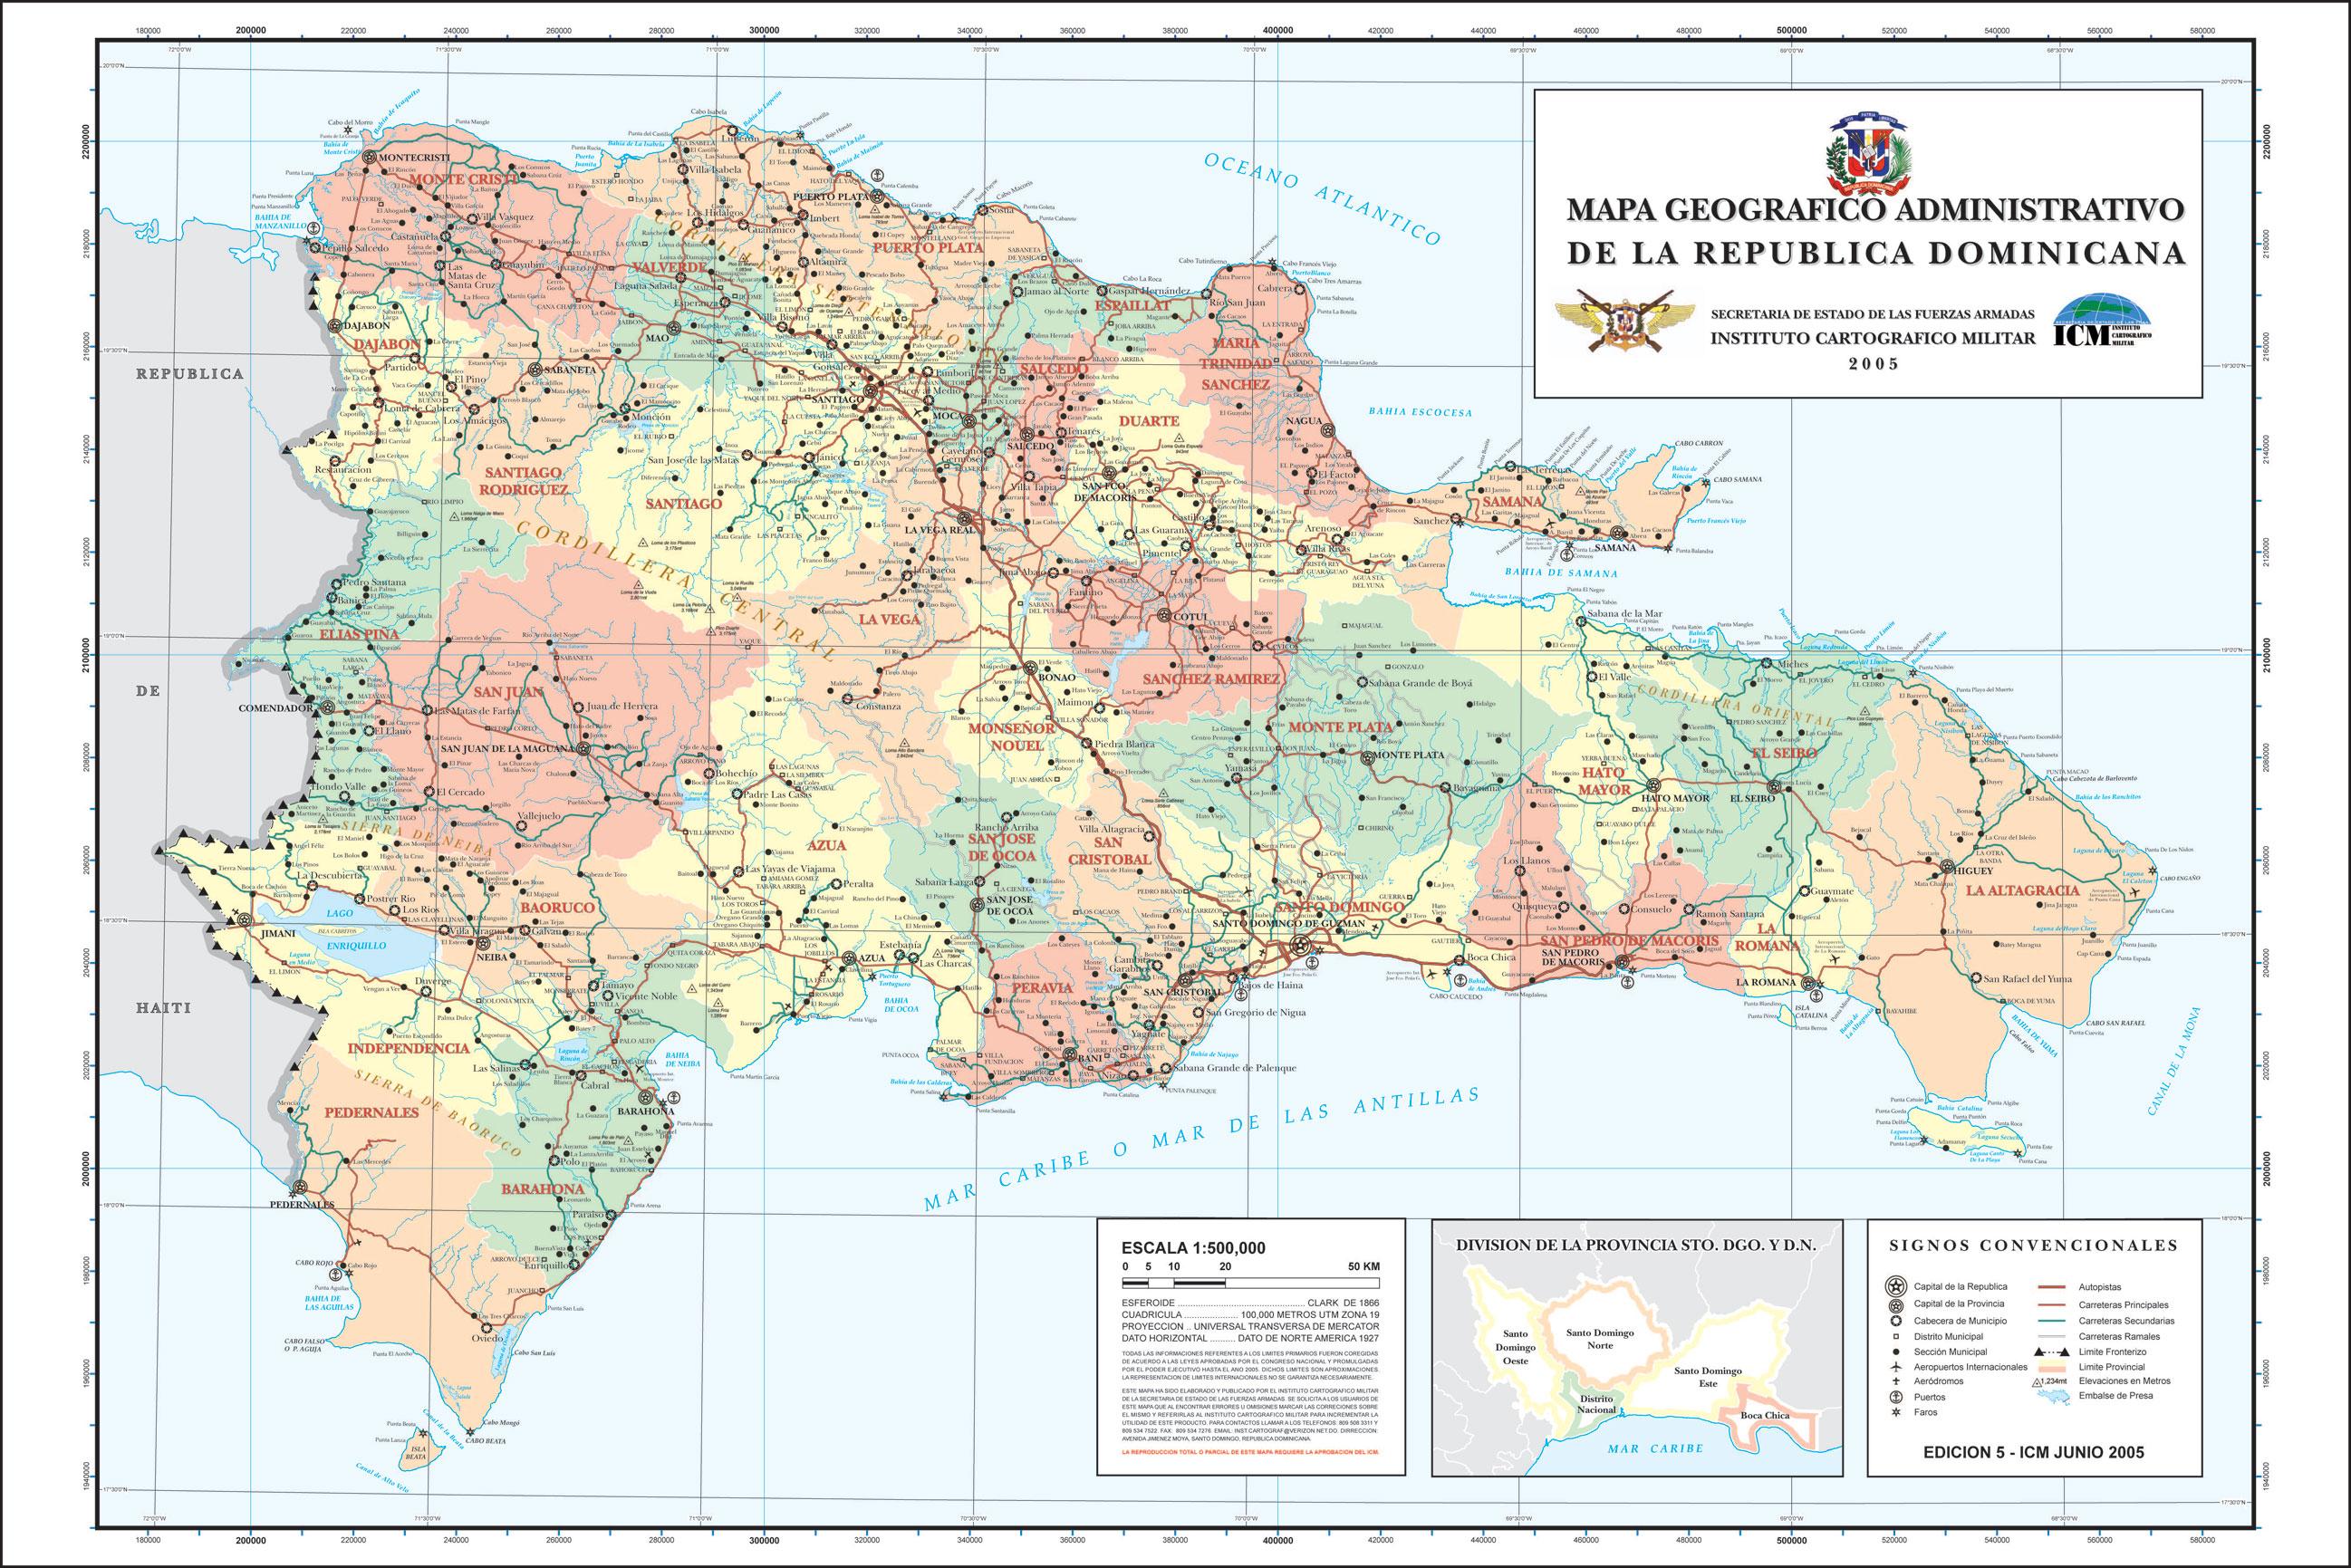 Instituto Cartográfico Militar presenta nuevos mapas de la geografía nacional